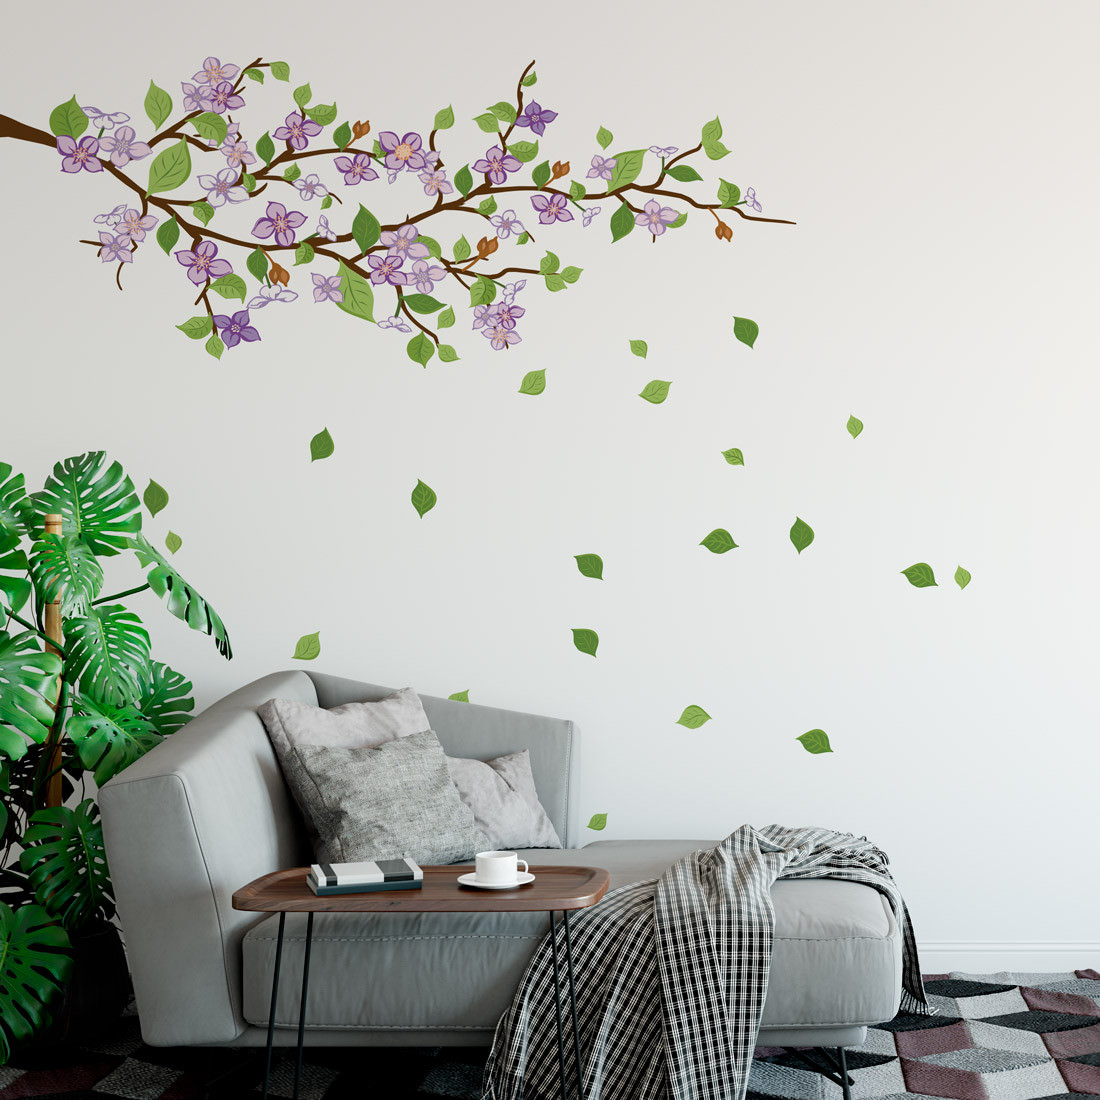 Adesivo de Parede Decorativo Galho Floral